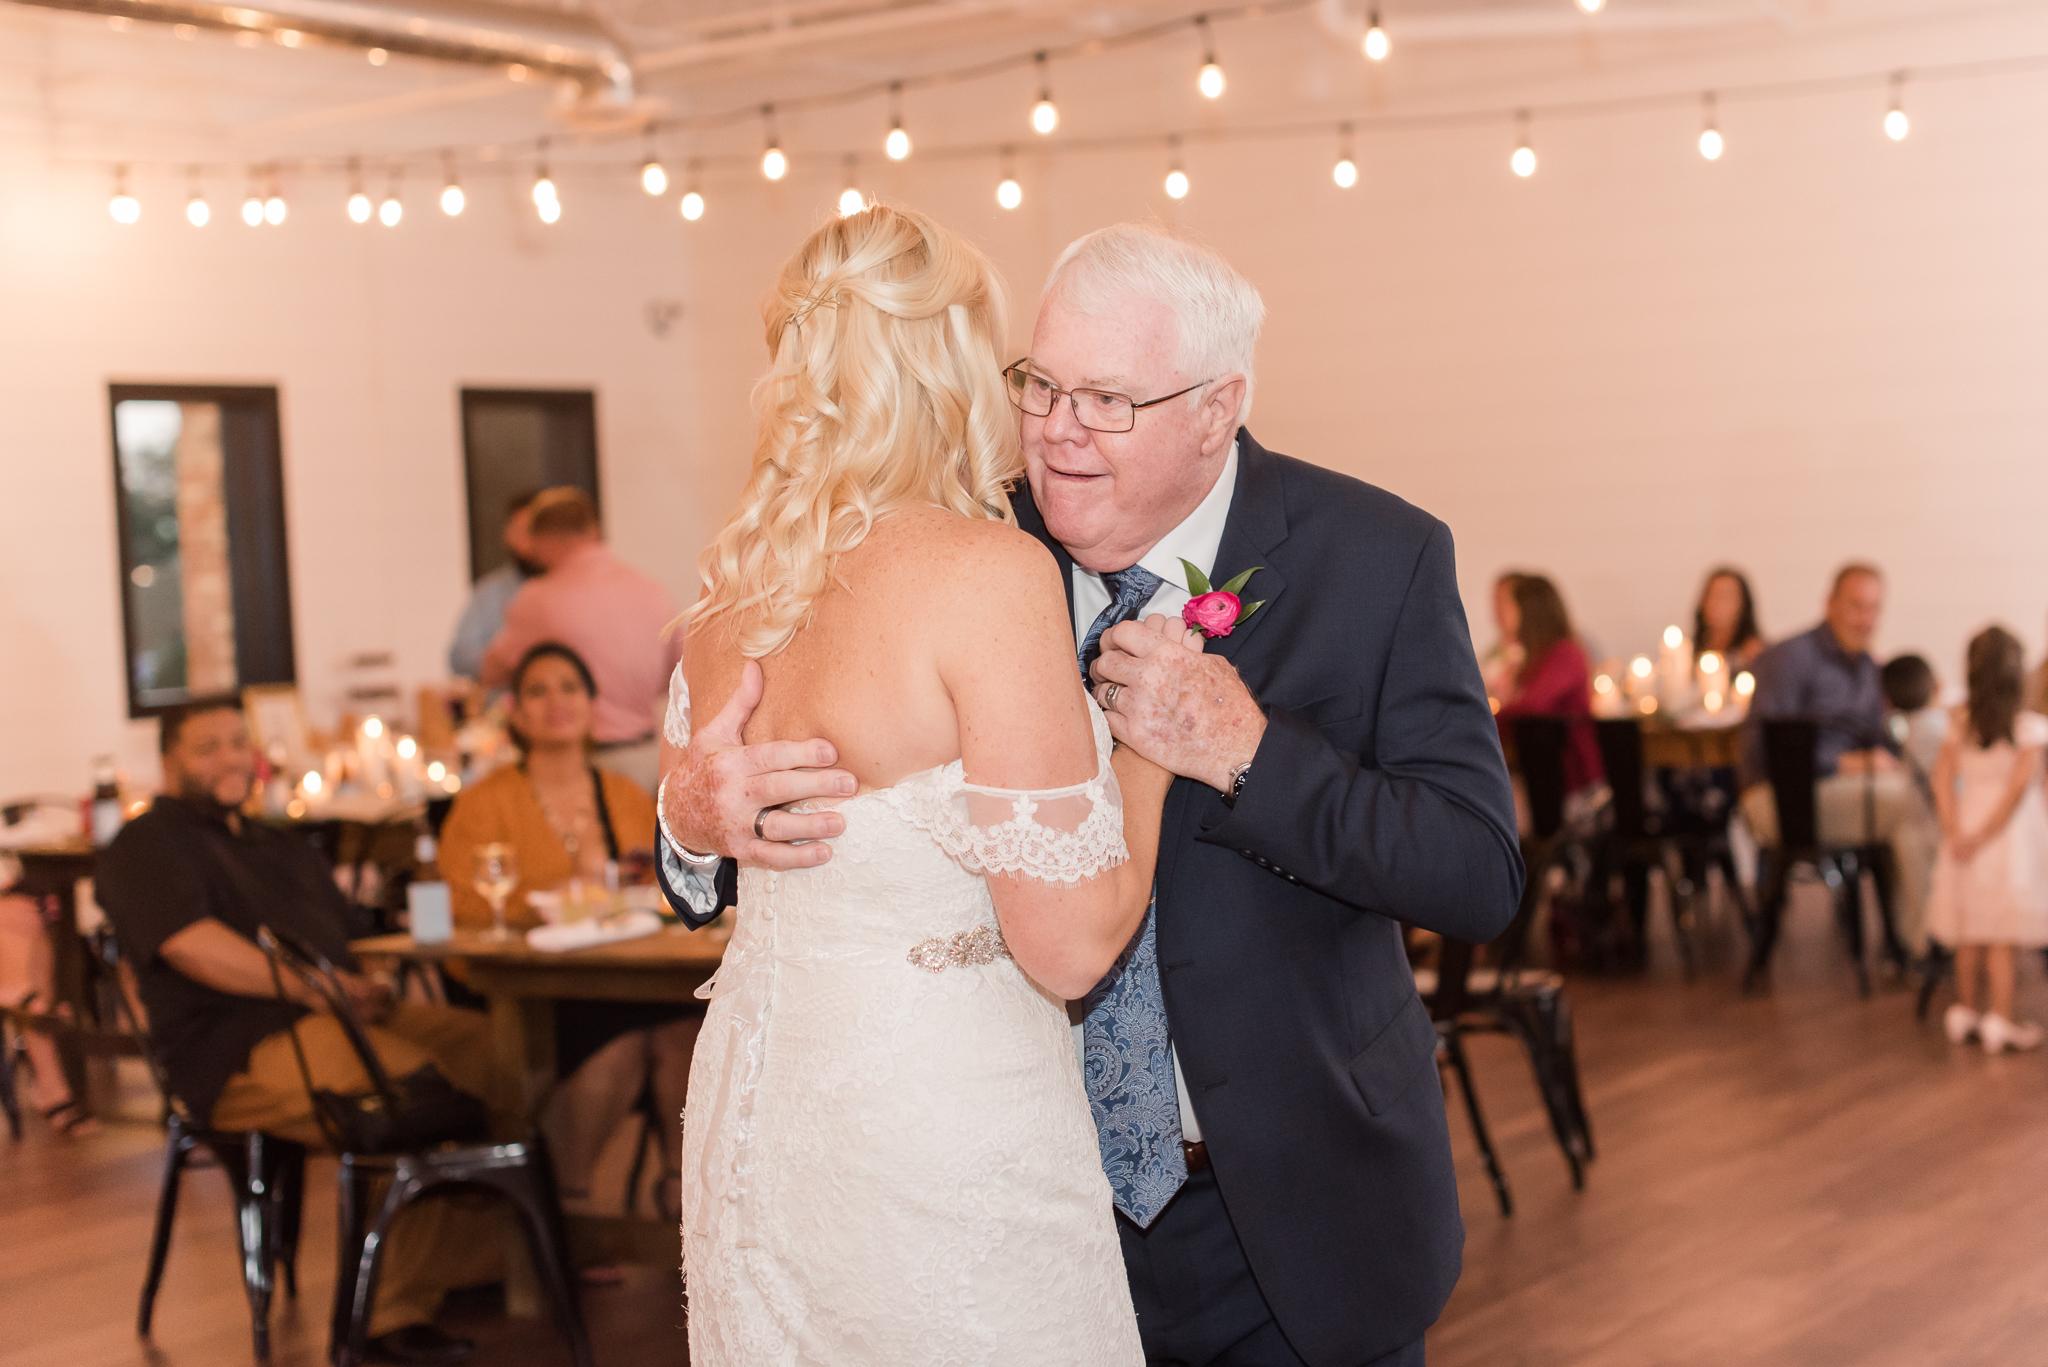 Wedding Reception at Bash in Carmel Indiana8287.jpg